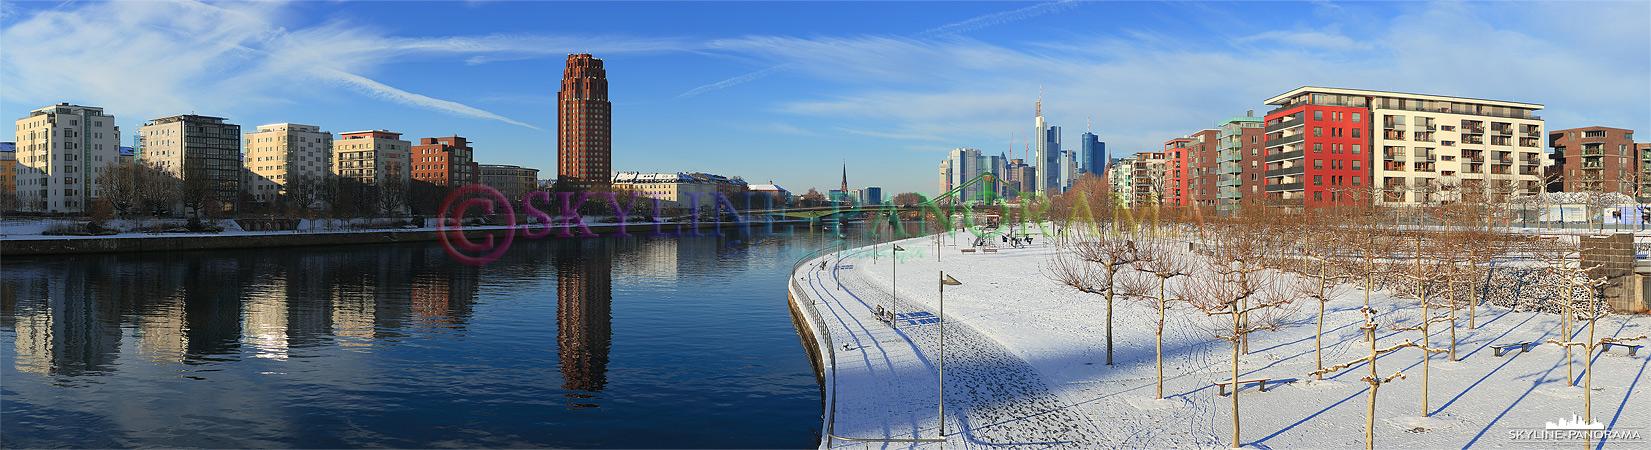 Winterbilder Frankfurt - Das verschneite Mainufer im Osten von Frankfurt mit Blick auf das Mainplaza und ein Teil der Frankfurter Skyline.